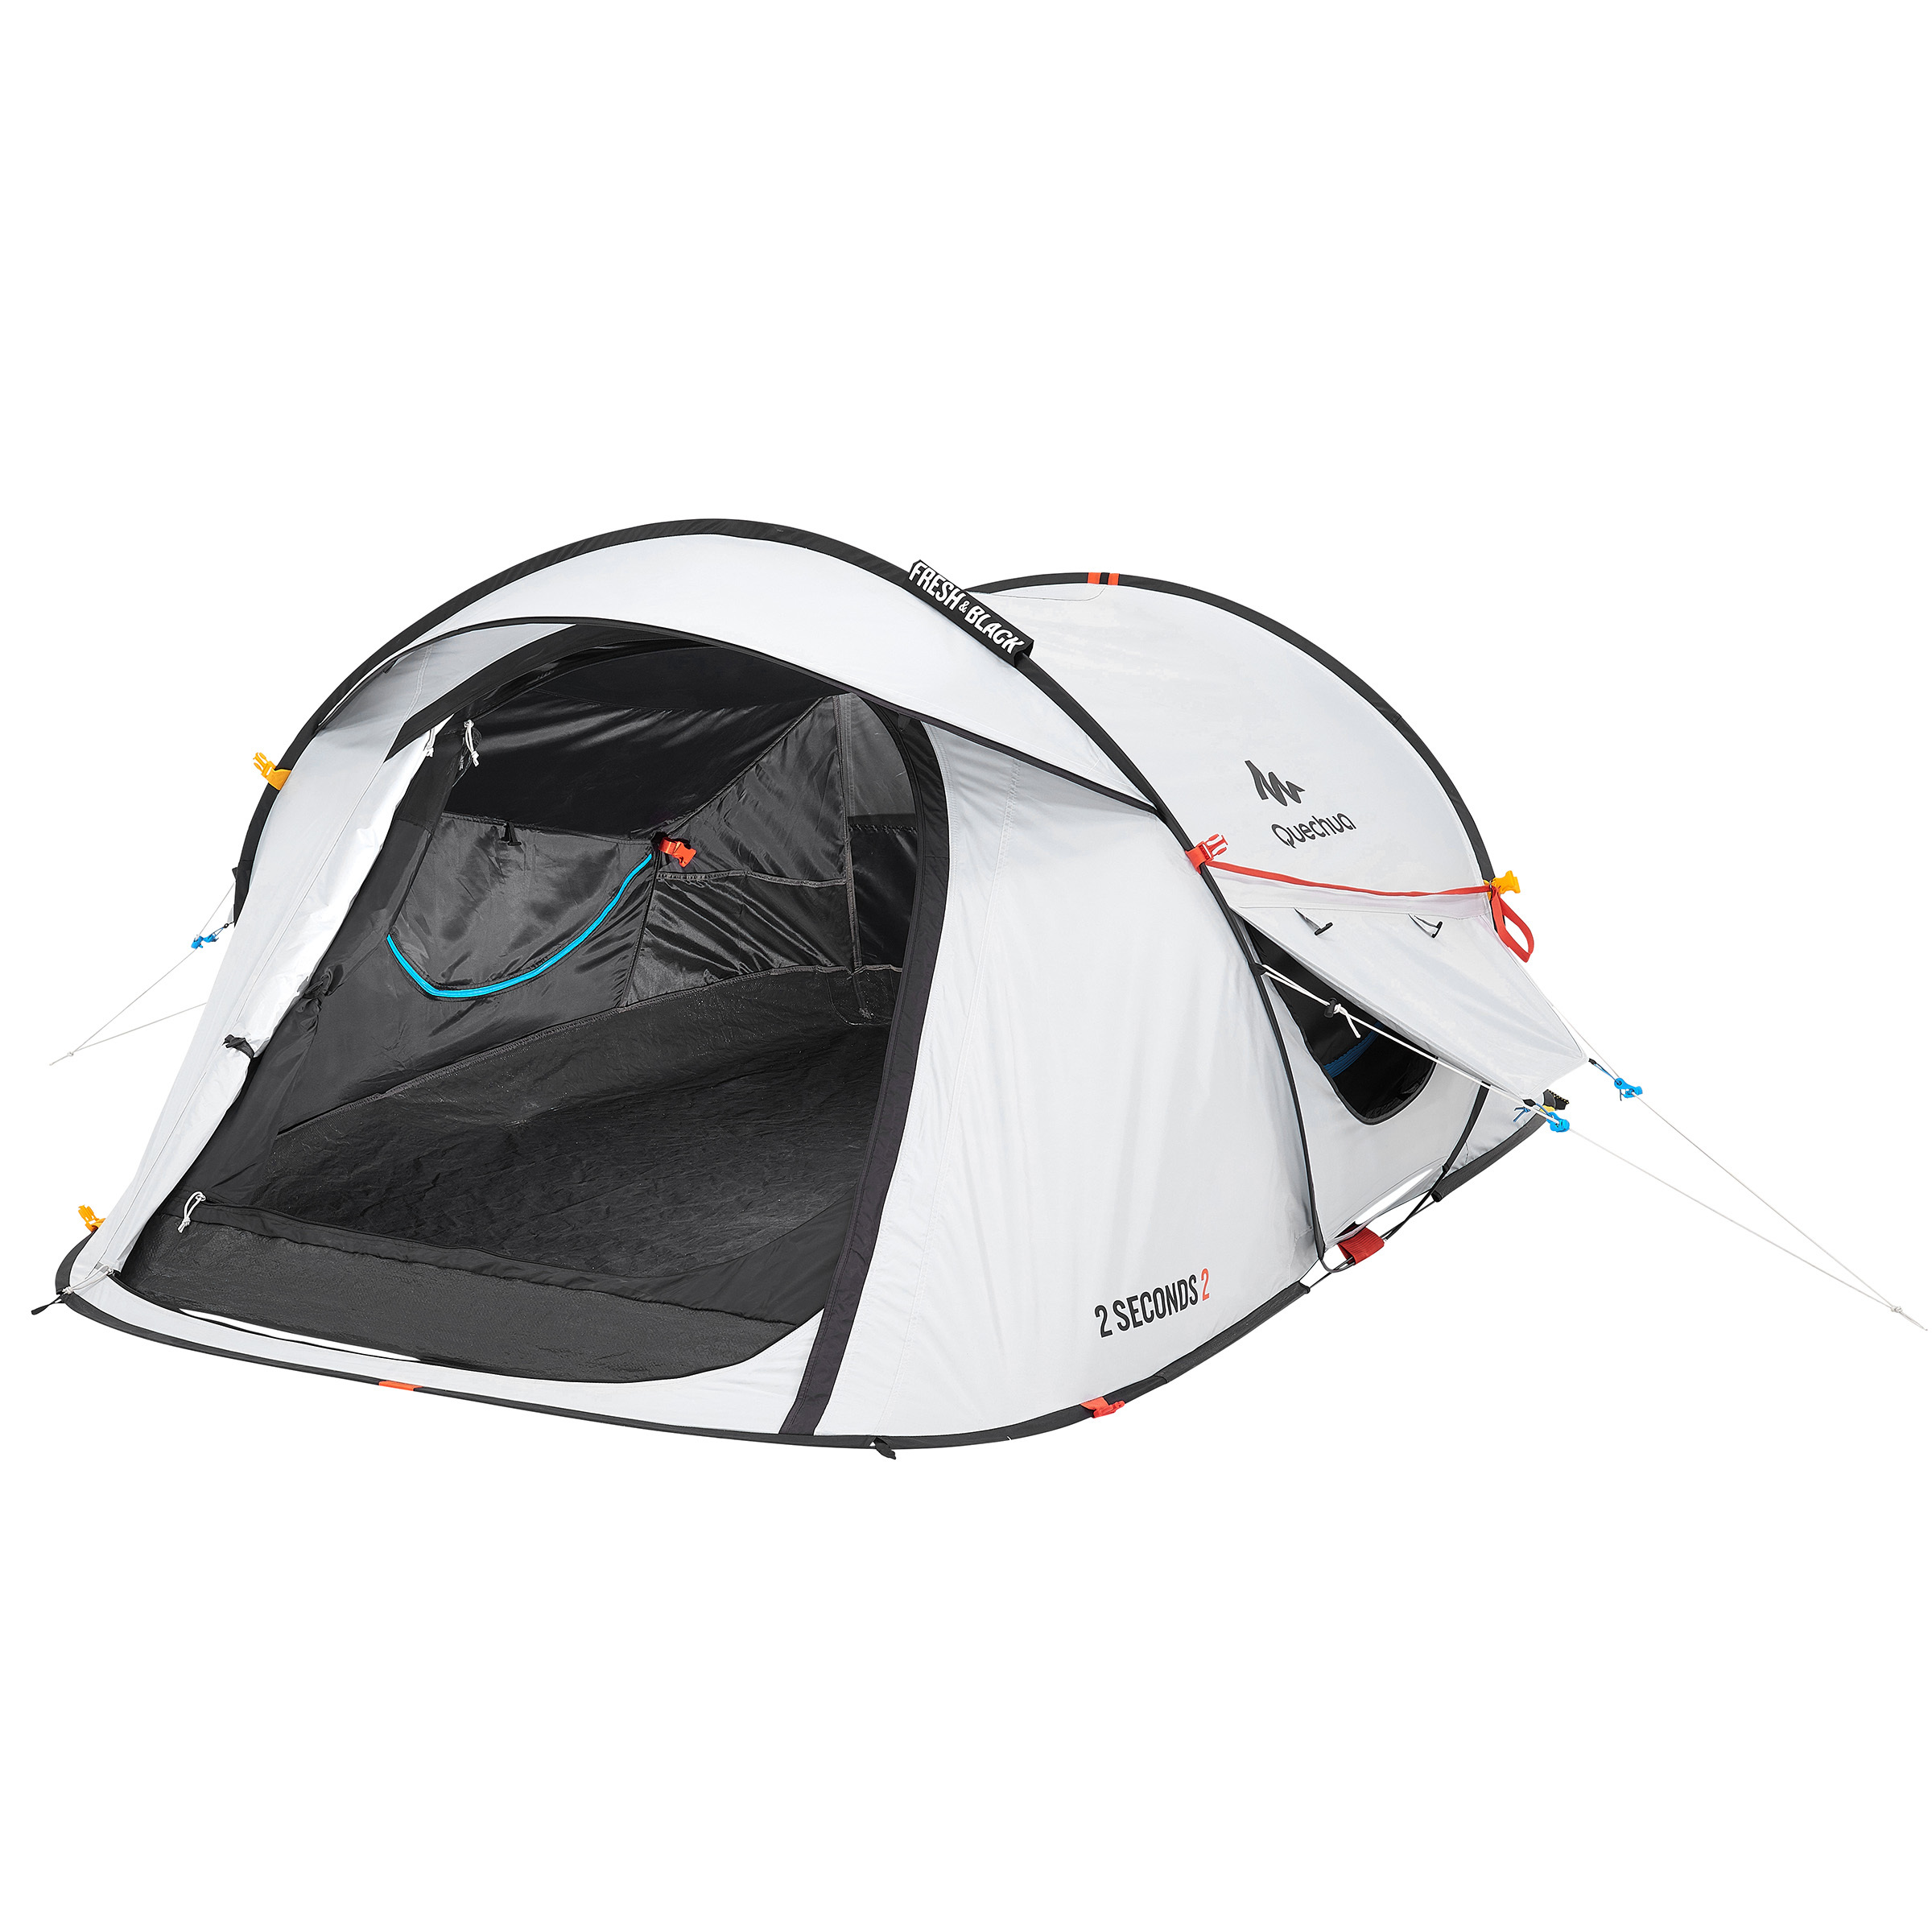 Quechua easy camping tent